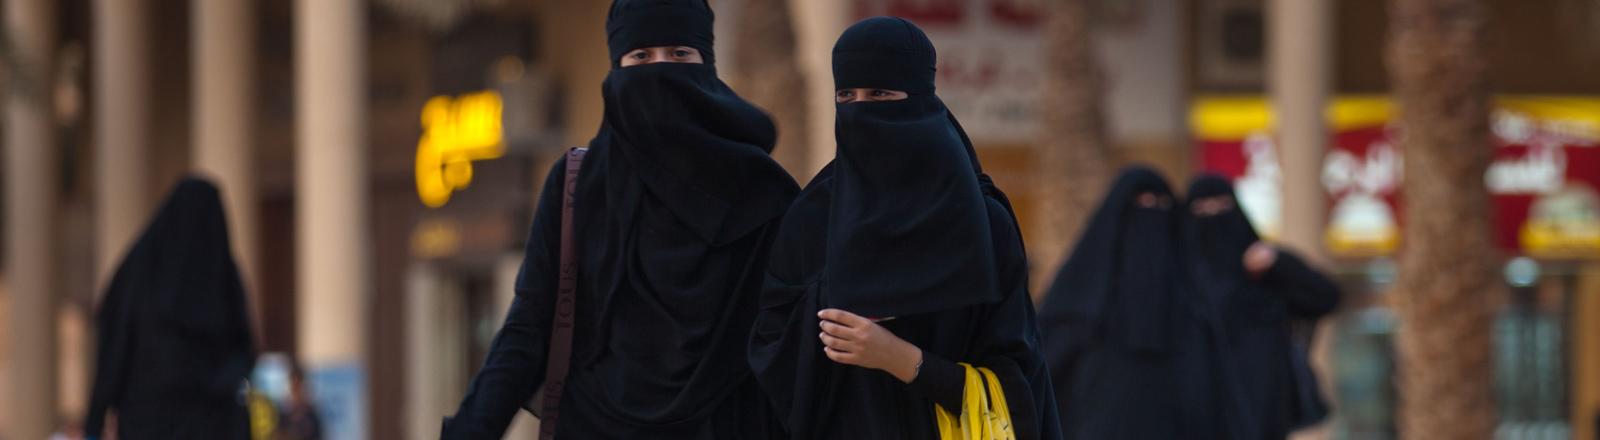 Zwei junge Frauen, voll verschleiert mit der traditonellen Abaya, schlendern am Mittwoch (06.06.2012) in Riad in Saudi-Arabien.